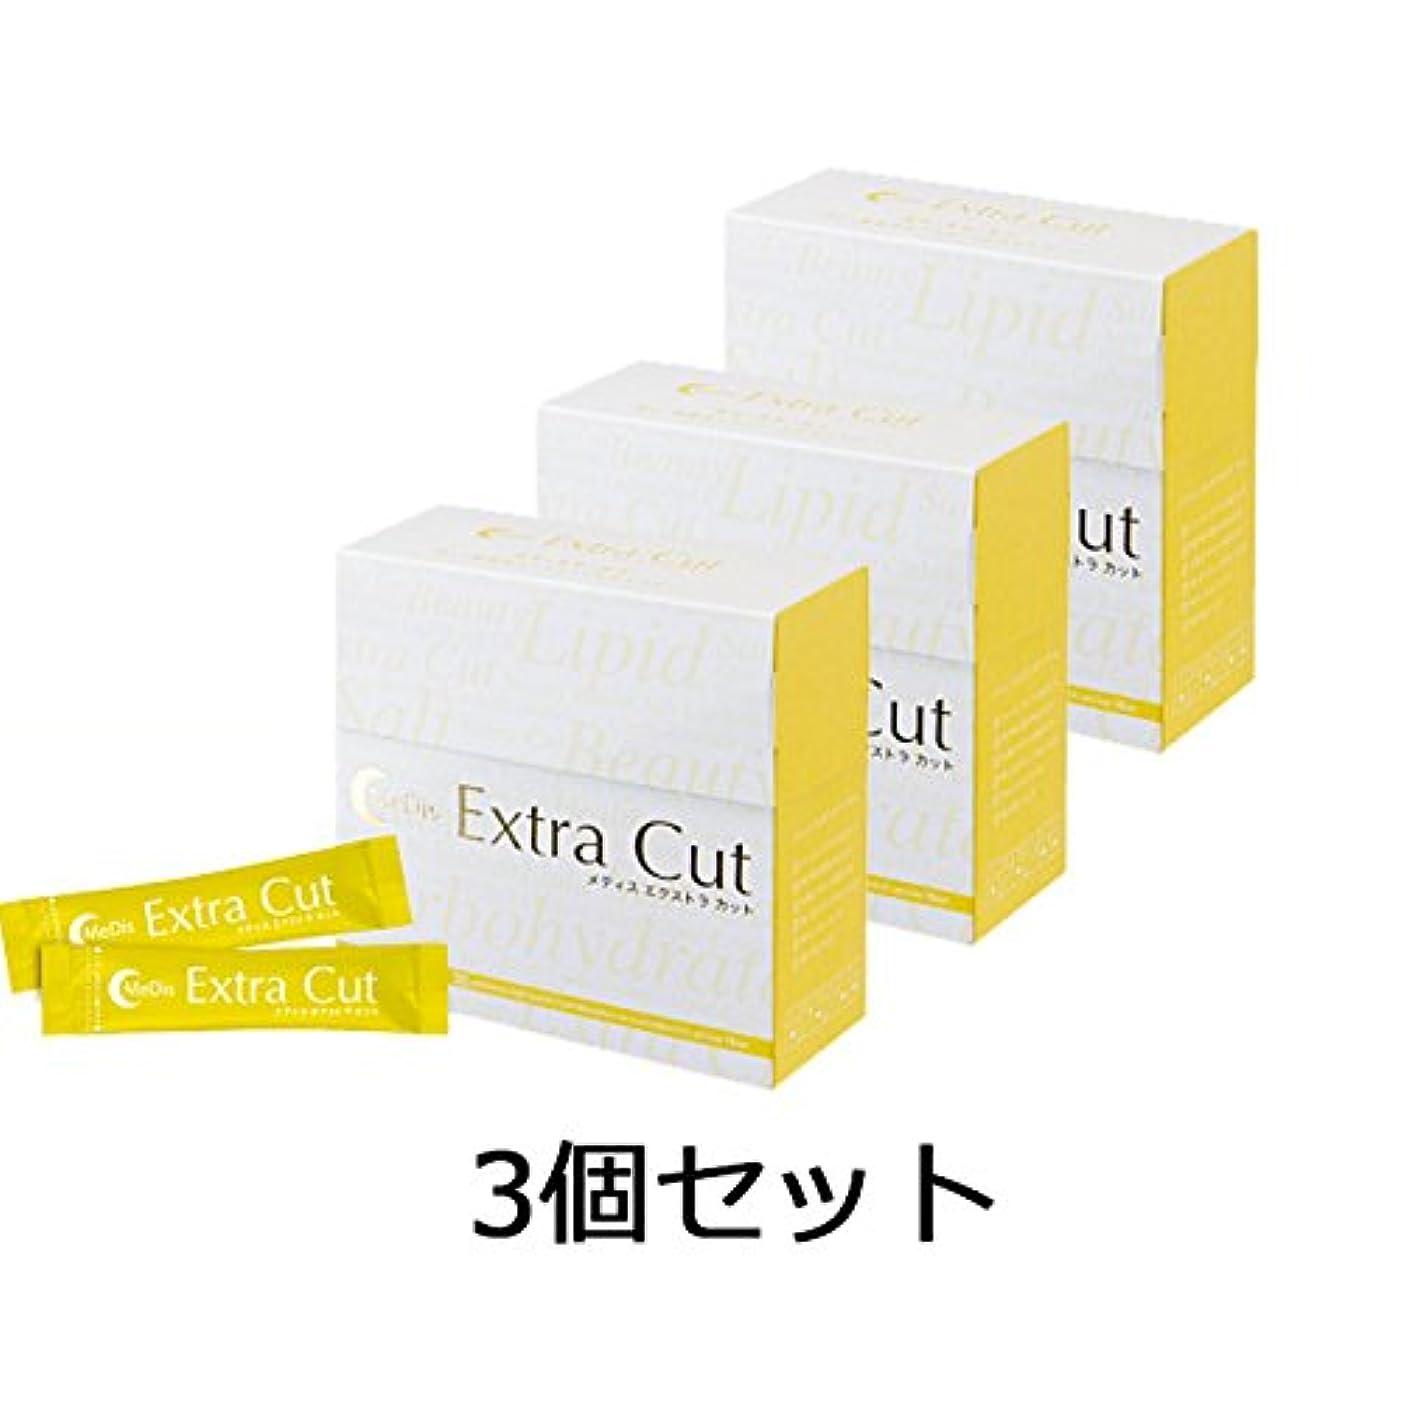 切るポール種をまくメディス エクストラカット 90g ( 3g×30包 ) × 3個セット Medis Extra Cut (柚子フレーバー×3箱)